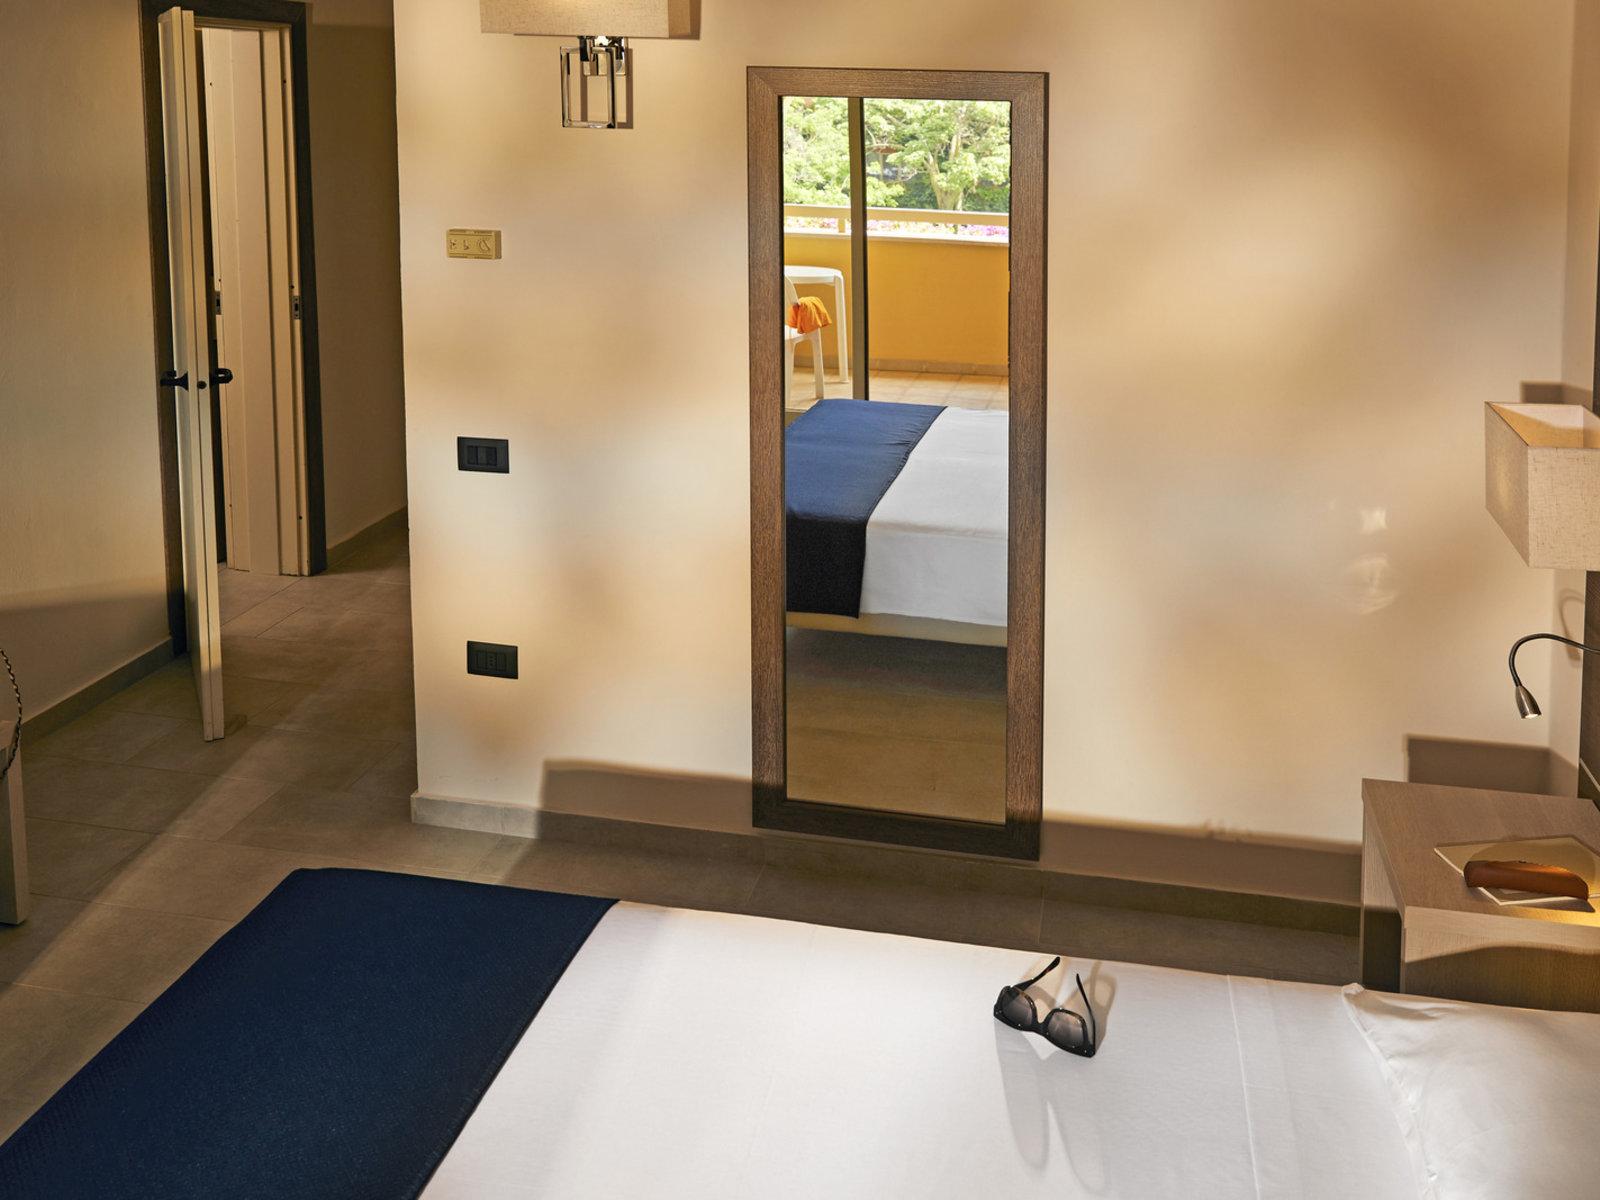 Wohnbeispiel 2 Doppelzimmer mit Verbindungstür